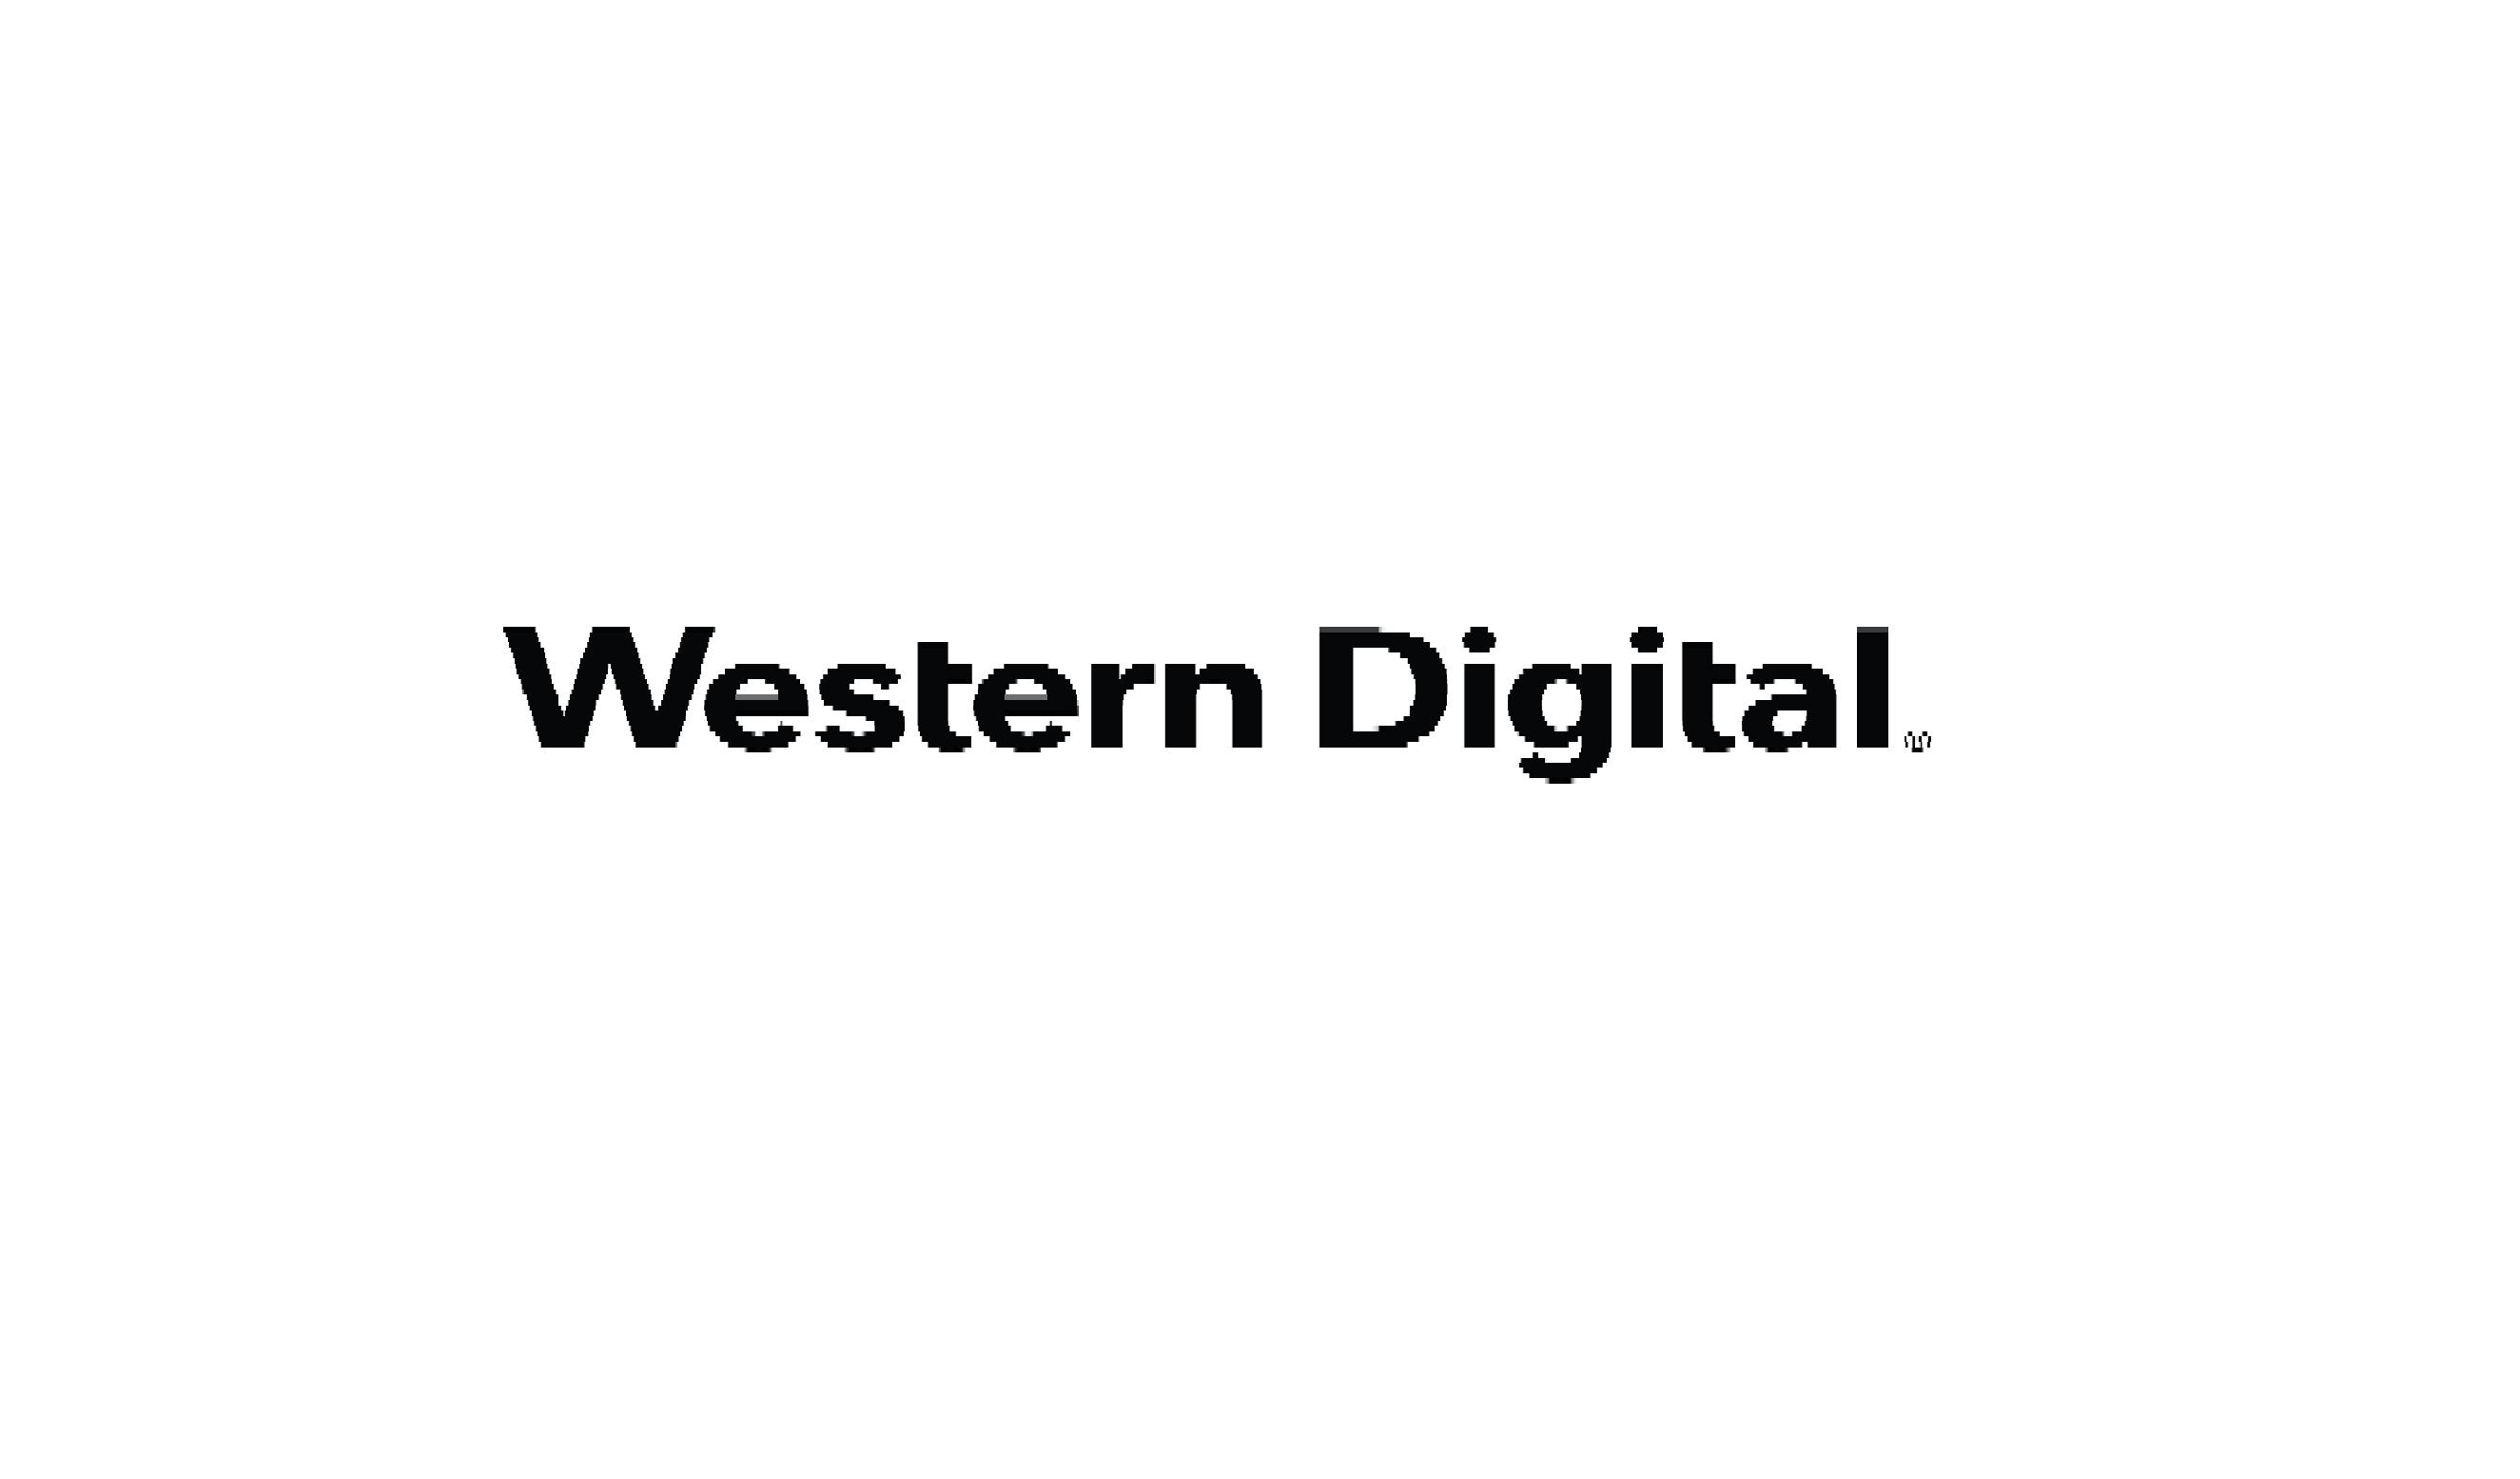 Western Digital攜手Dropbox加速雲端邊緣運算的基礎架構部署,以滿足現今線上儲存需求